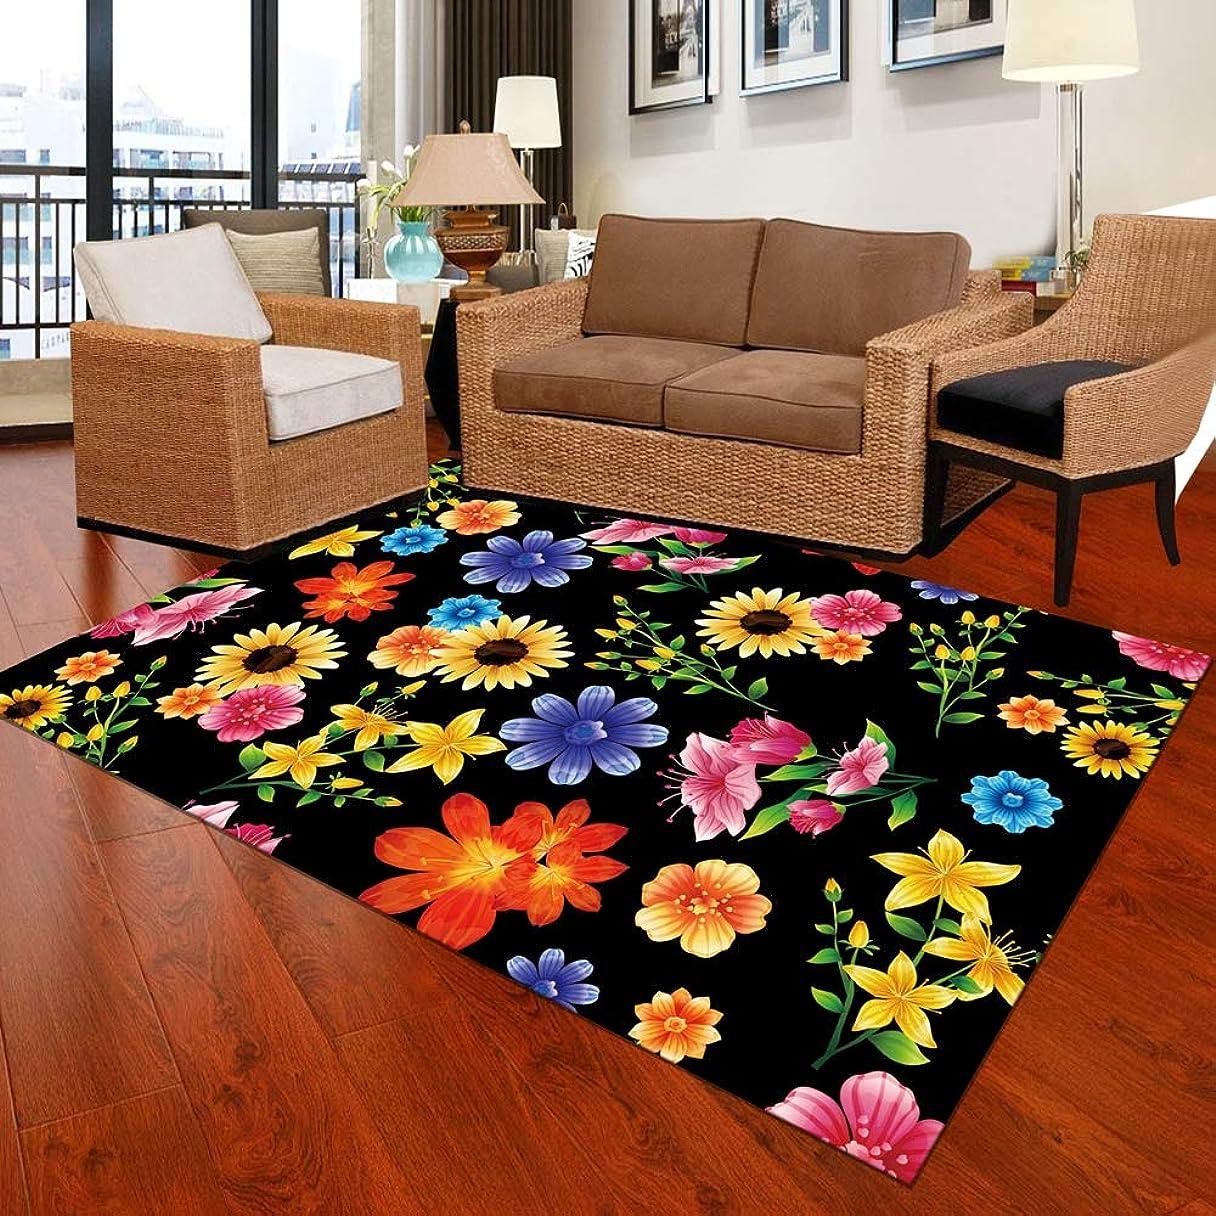 アームストロングファウル彫刻1個の寝室のマットの色とりどりの花柄のパーソナライズされた耐久性のあるマット60 x 90センチメートル